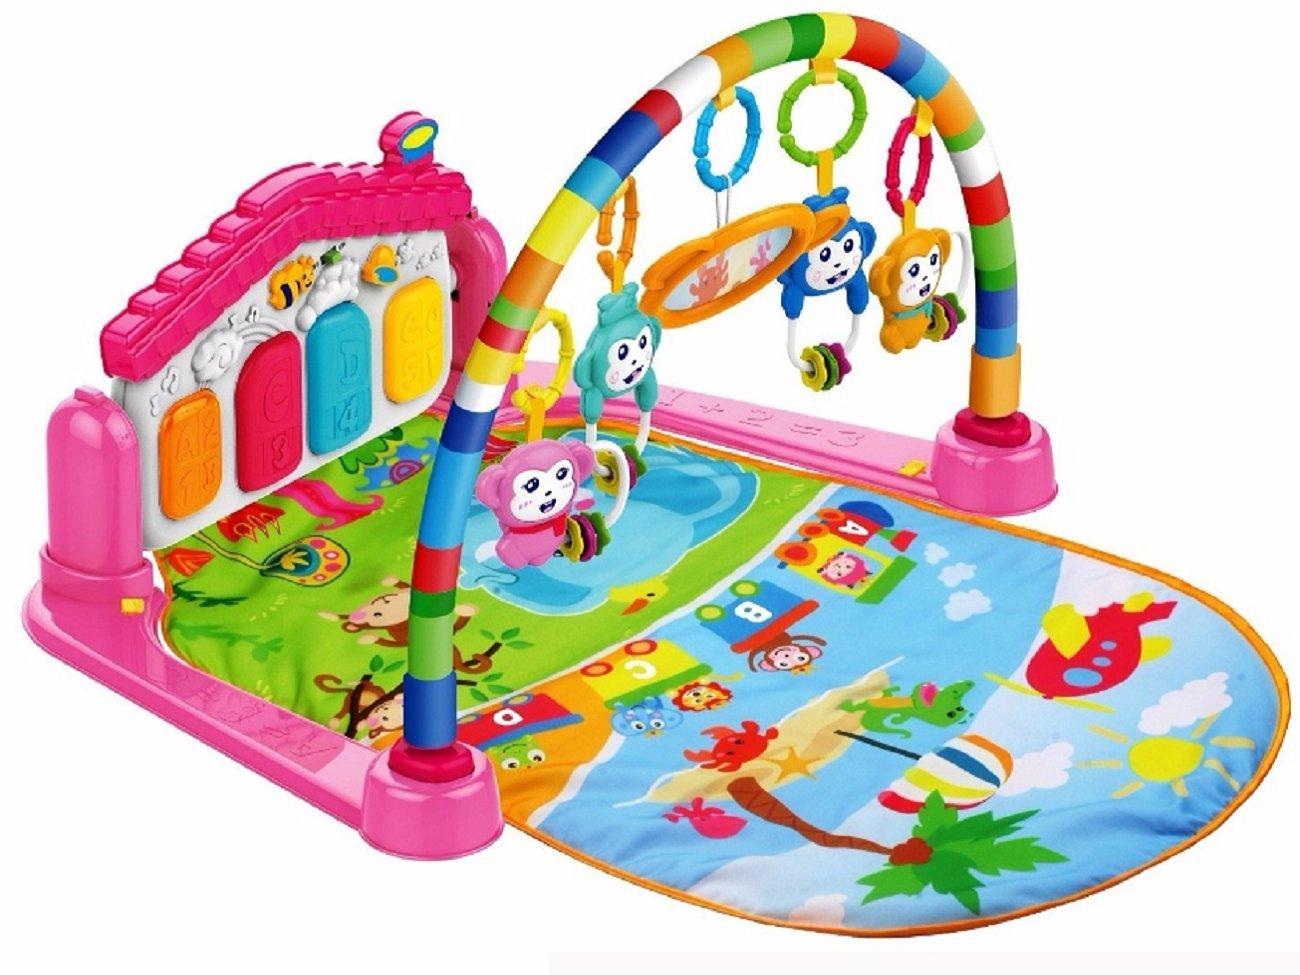 3 en 1 Baby Piano Play Gym PlayMat Mú sica y luces (piano blanco) SILUK